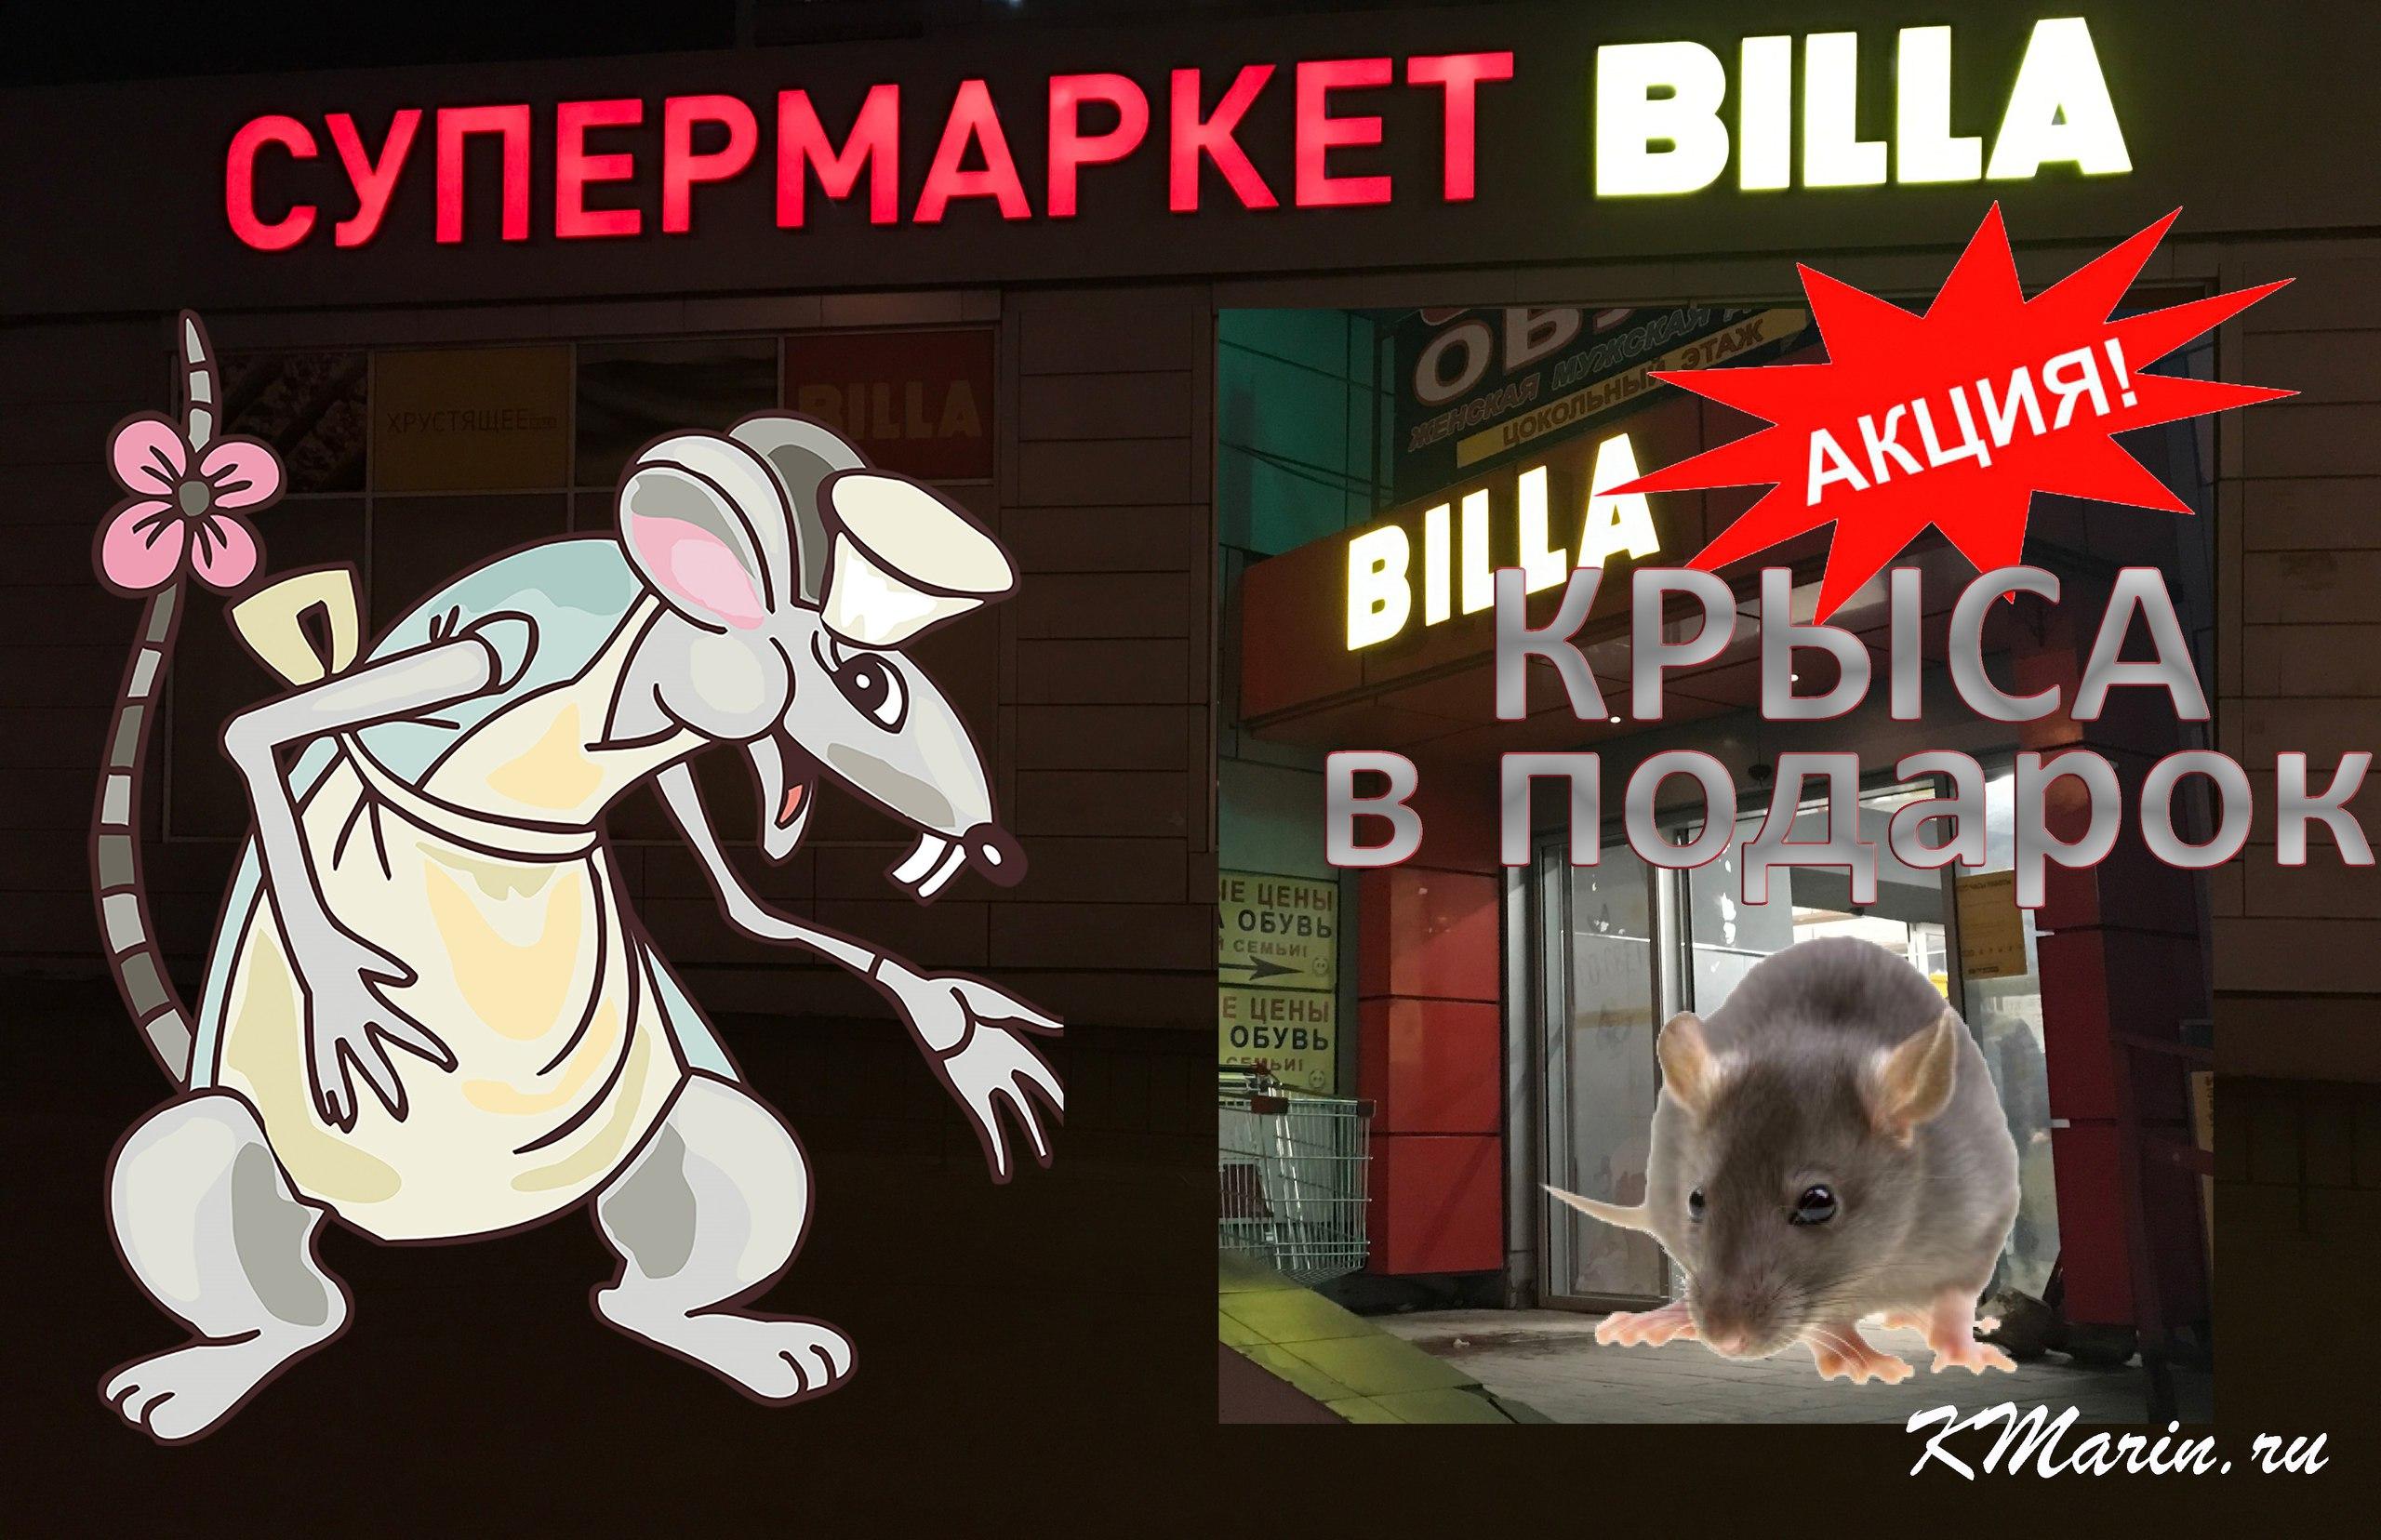 Акция: Крыса в подарок